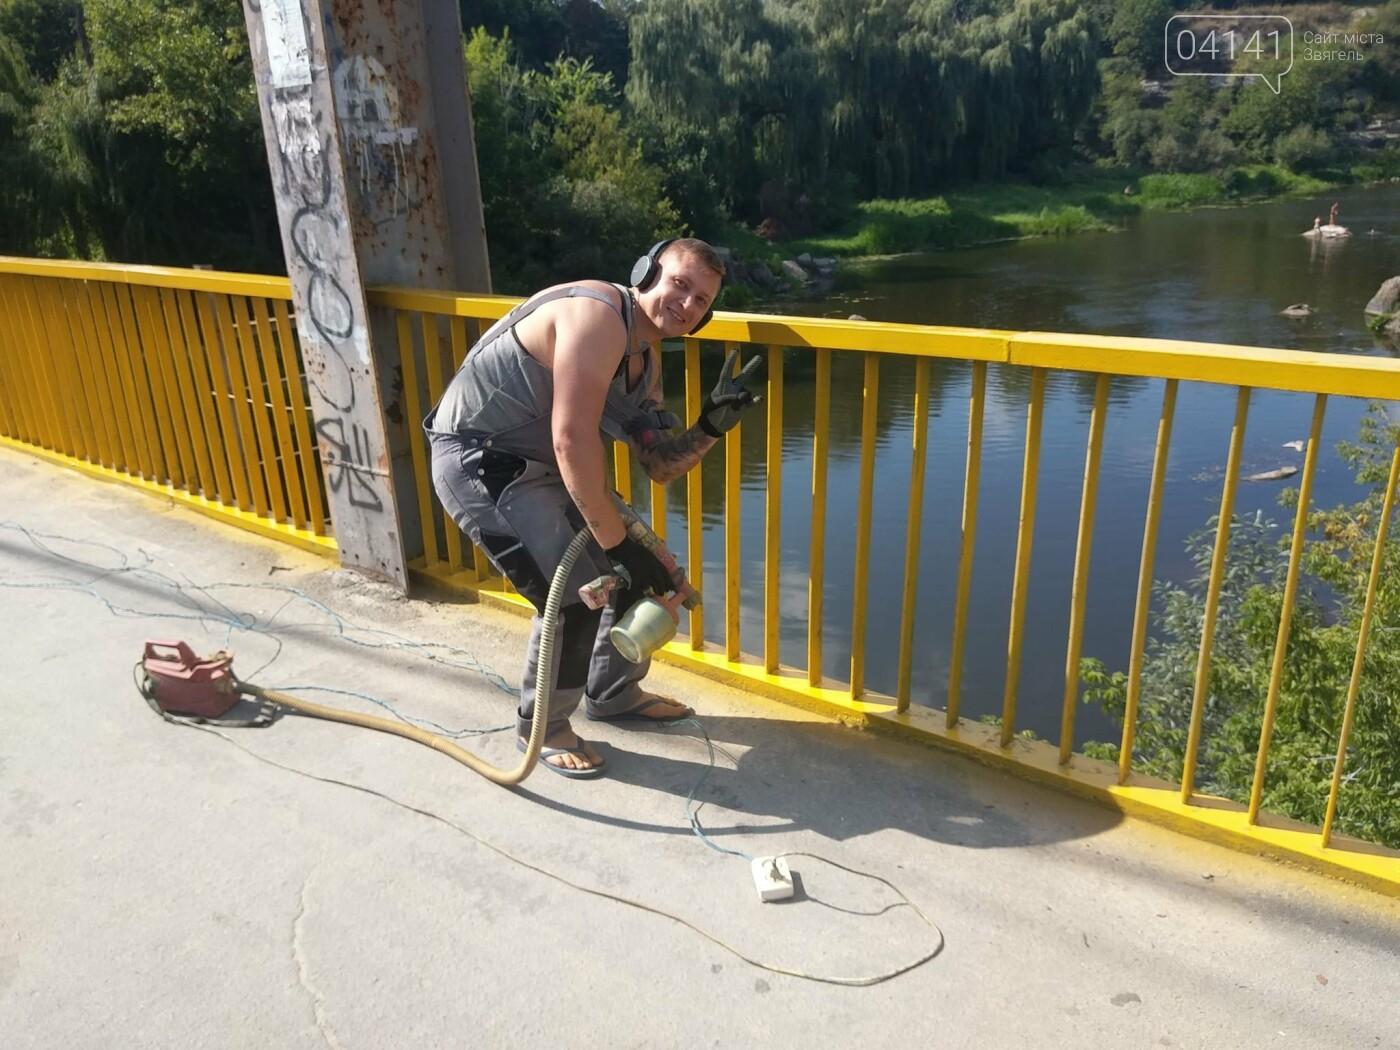 Як у Новограді-Волинському пішохідний міст фарбували (ФОТО) , фото-1